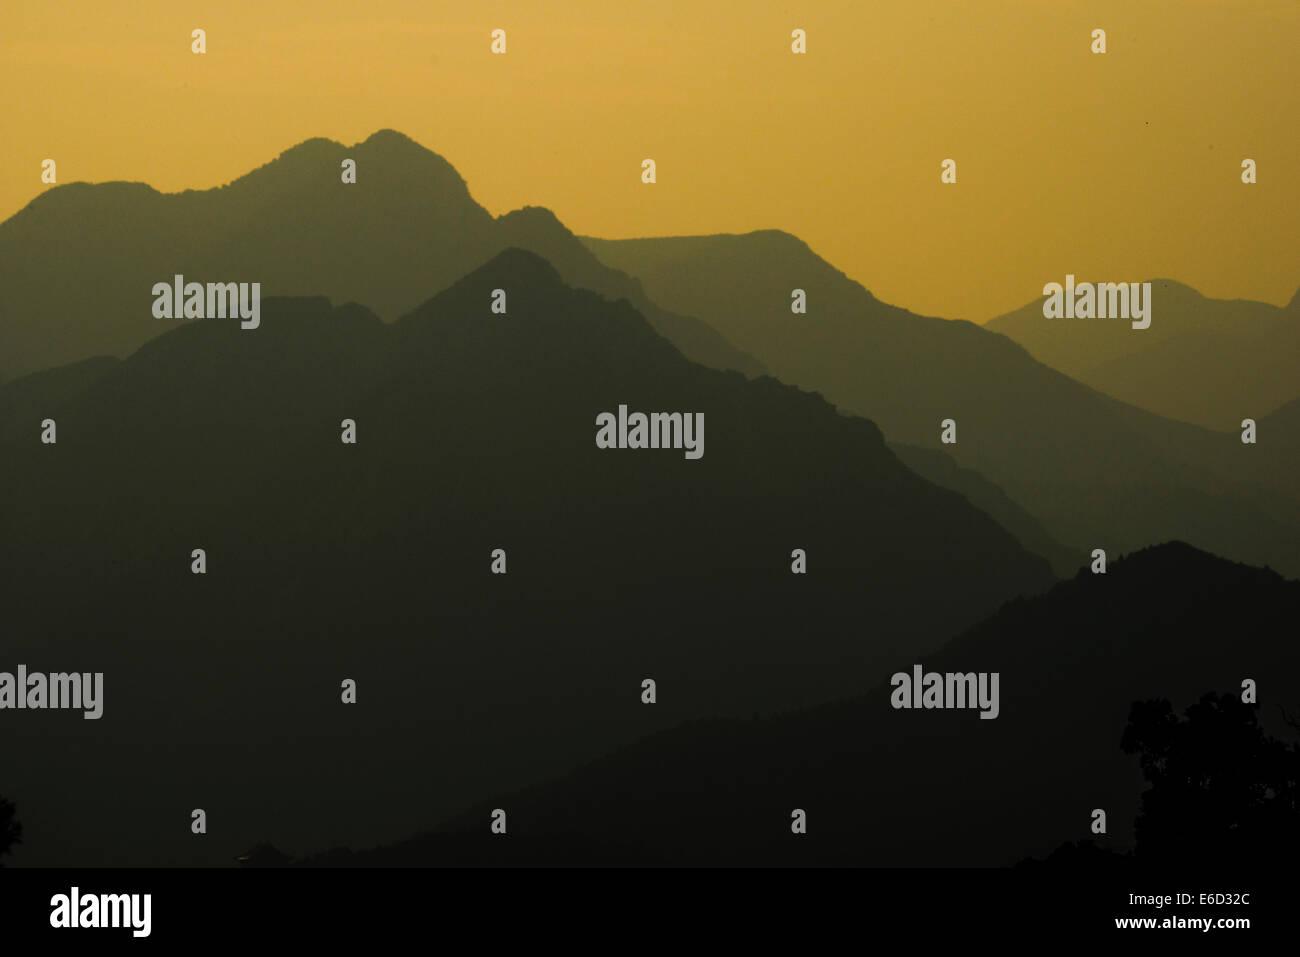 Hügel in der Nähe von Badaling, Peking, China Stockbild